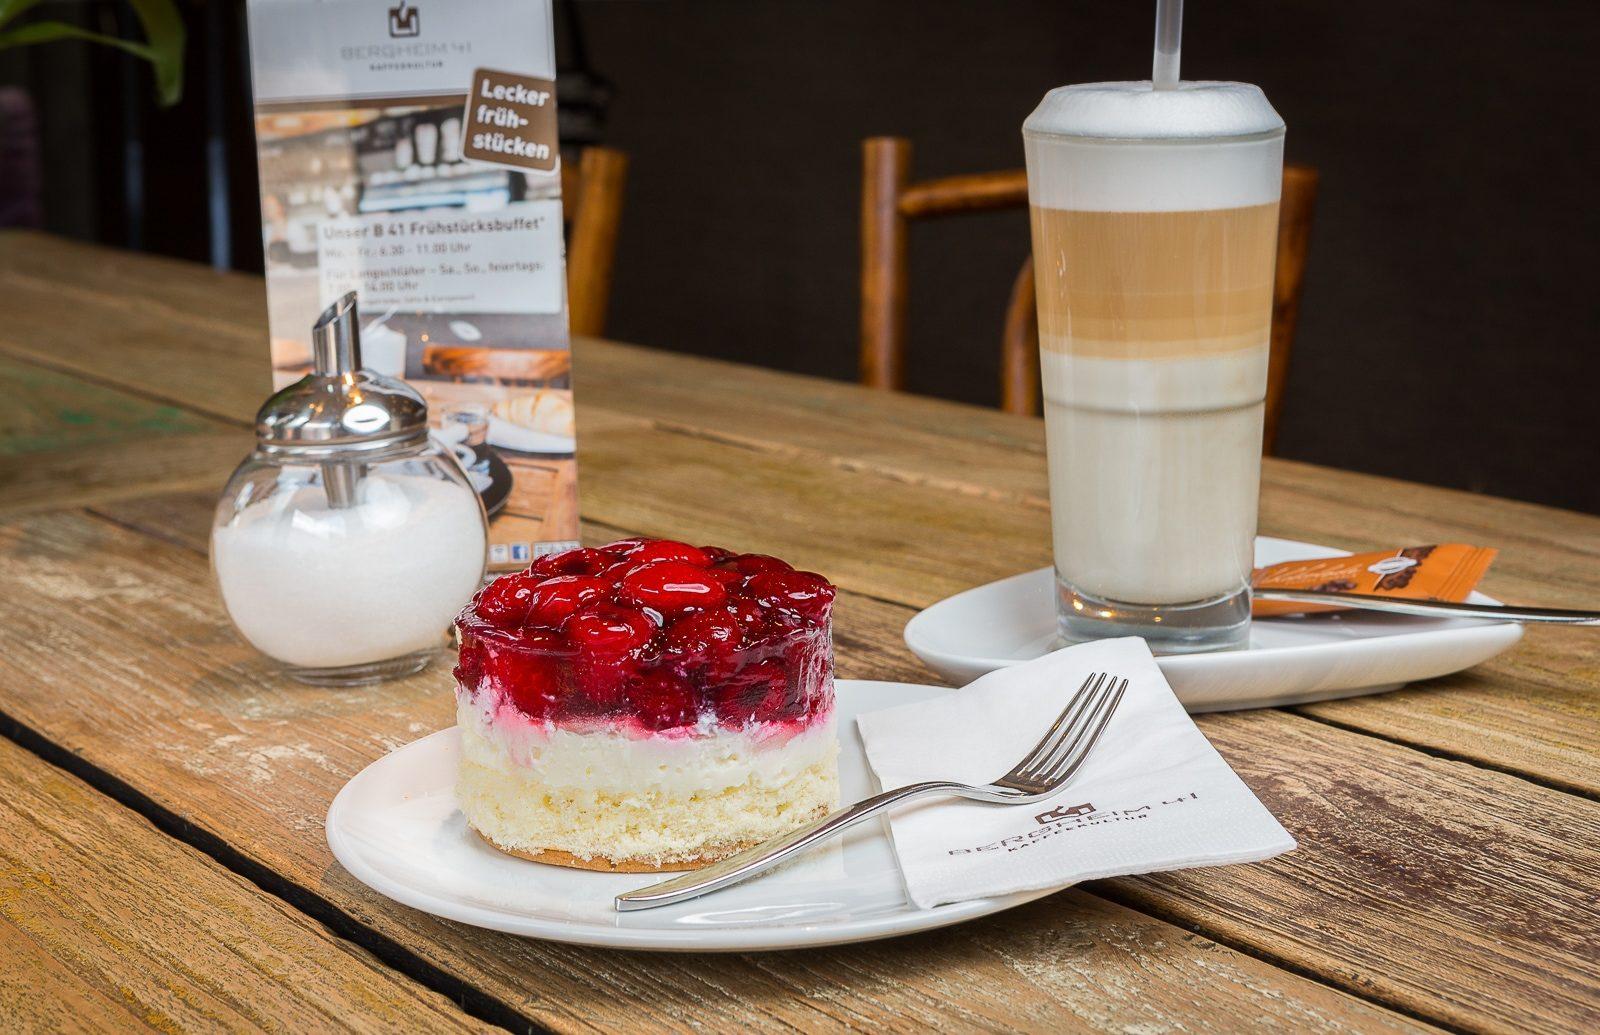 Kuchen und Kaffee auf dem Tisch